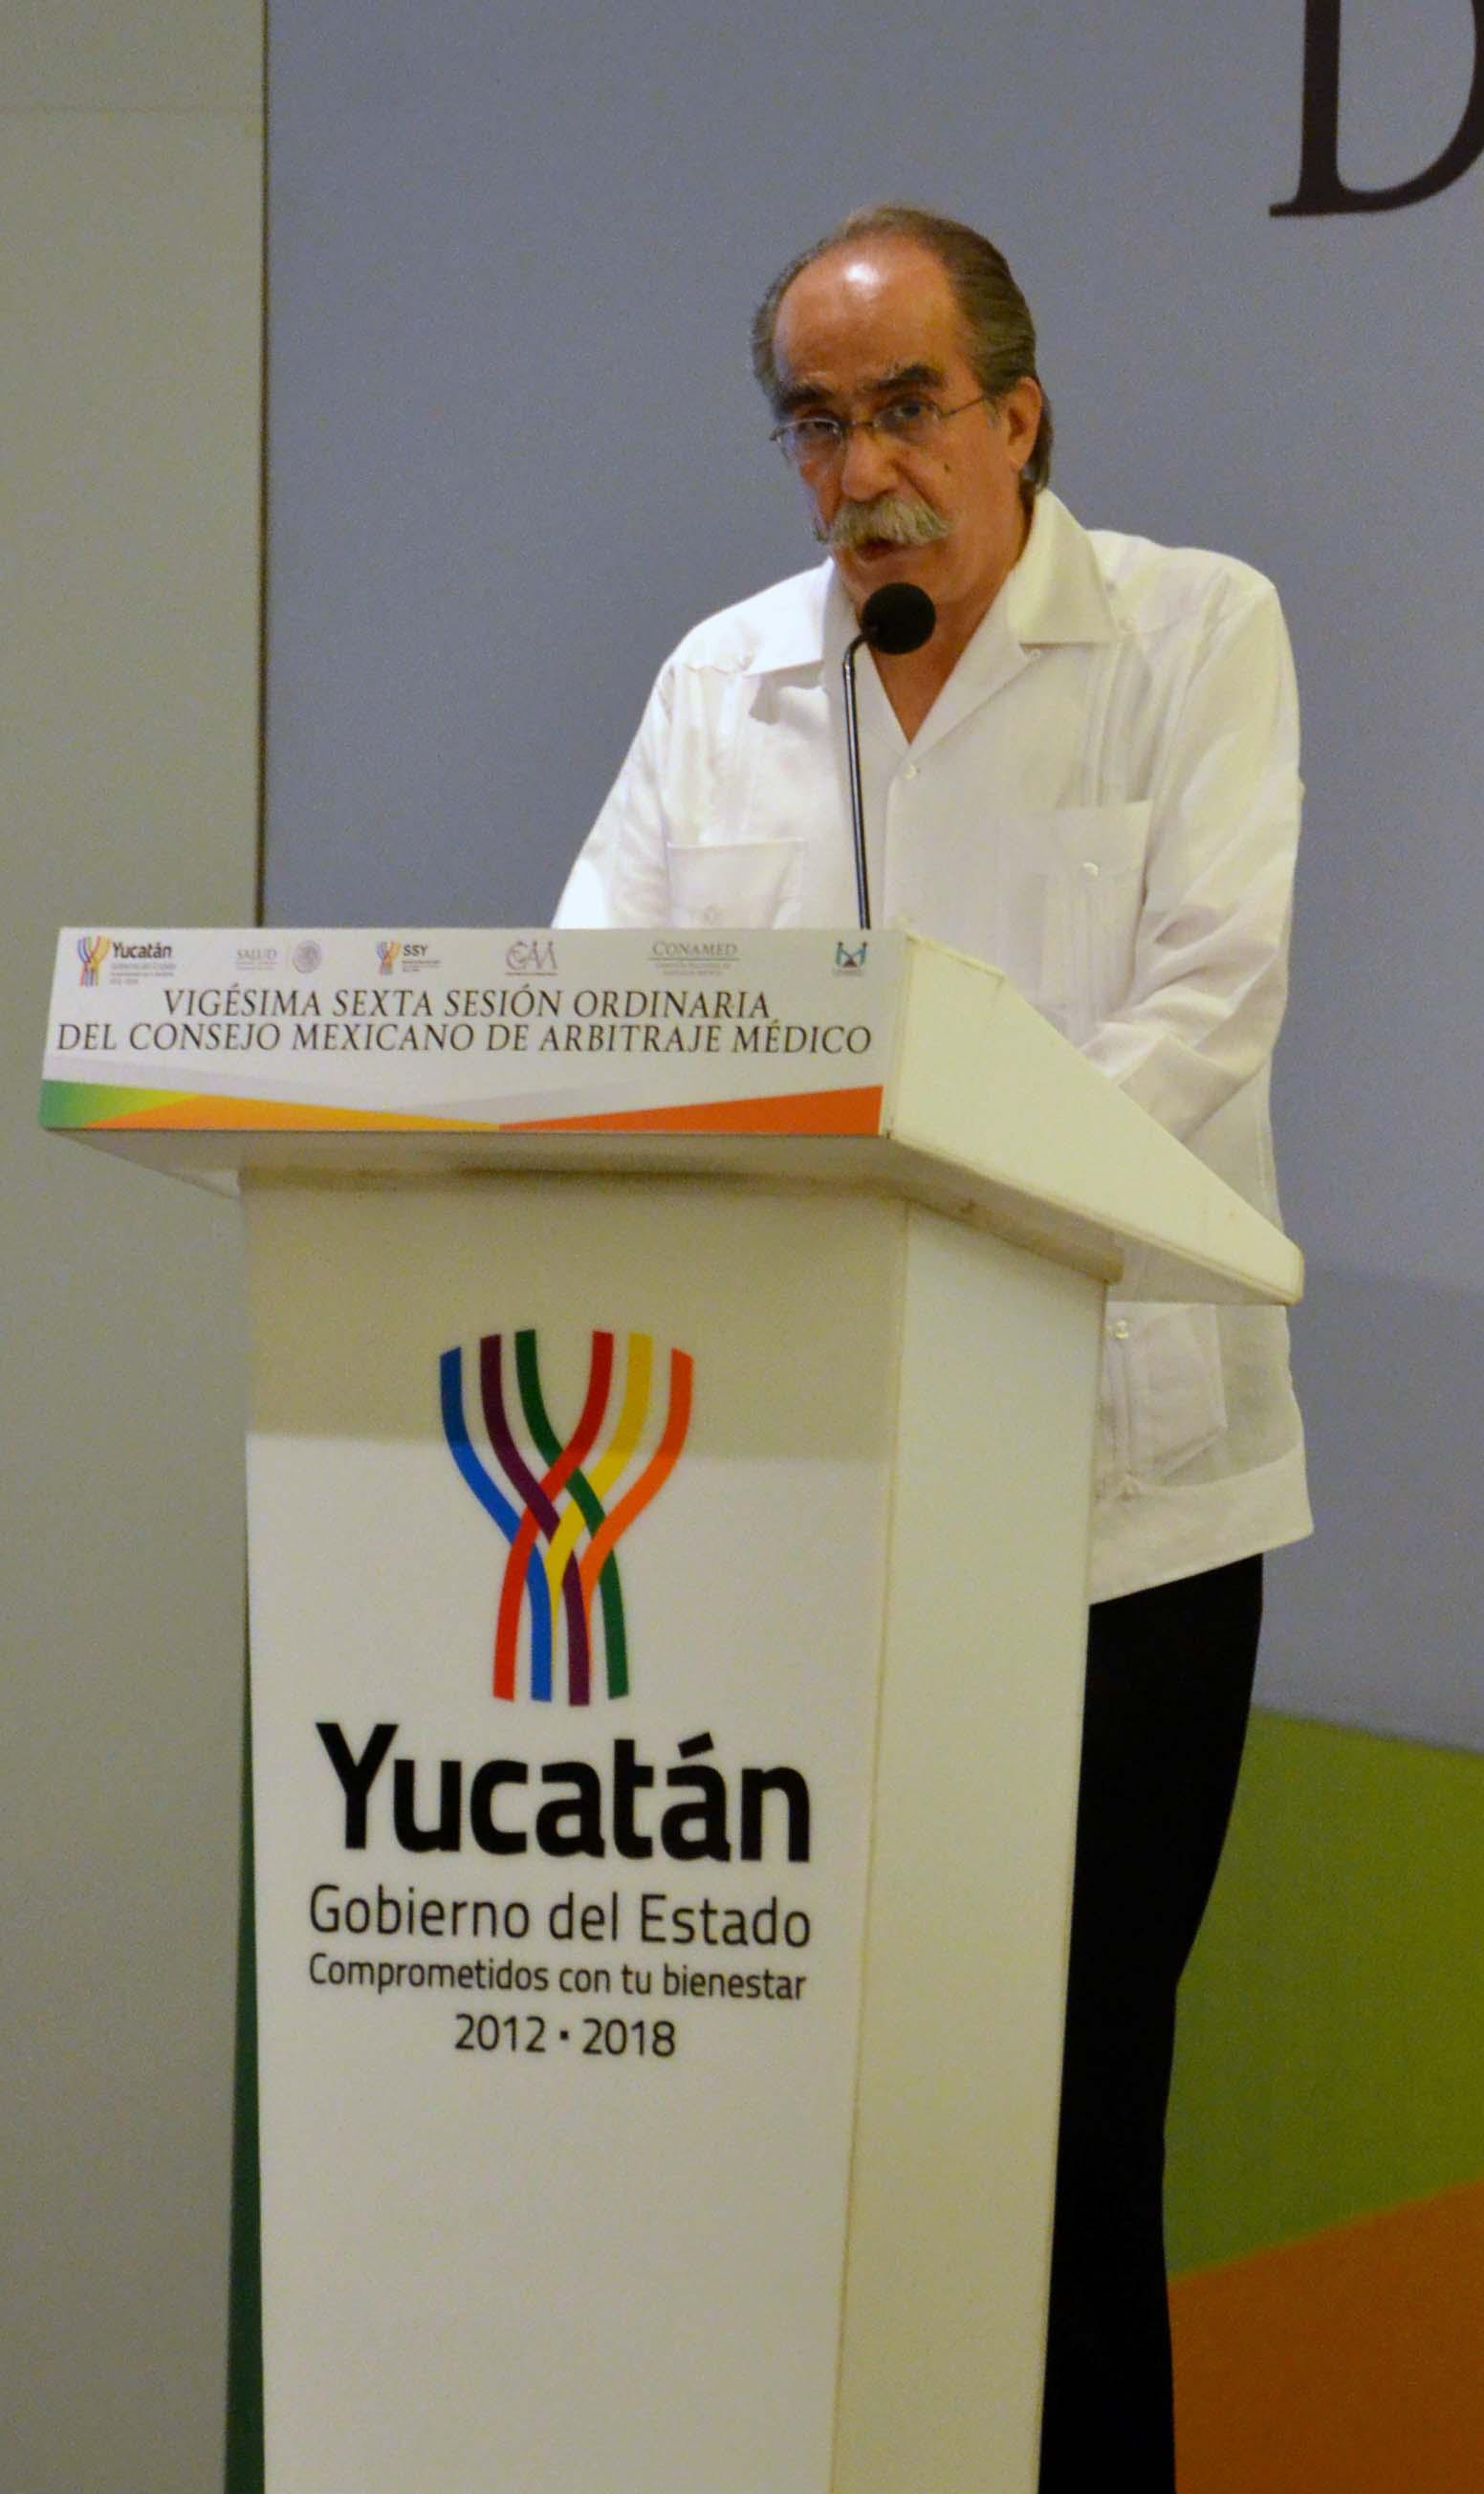 110615 Consejo Mexicano de Arbitraje Medico 02jpg